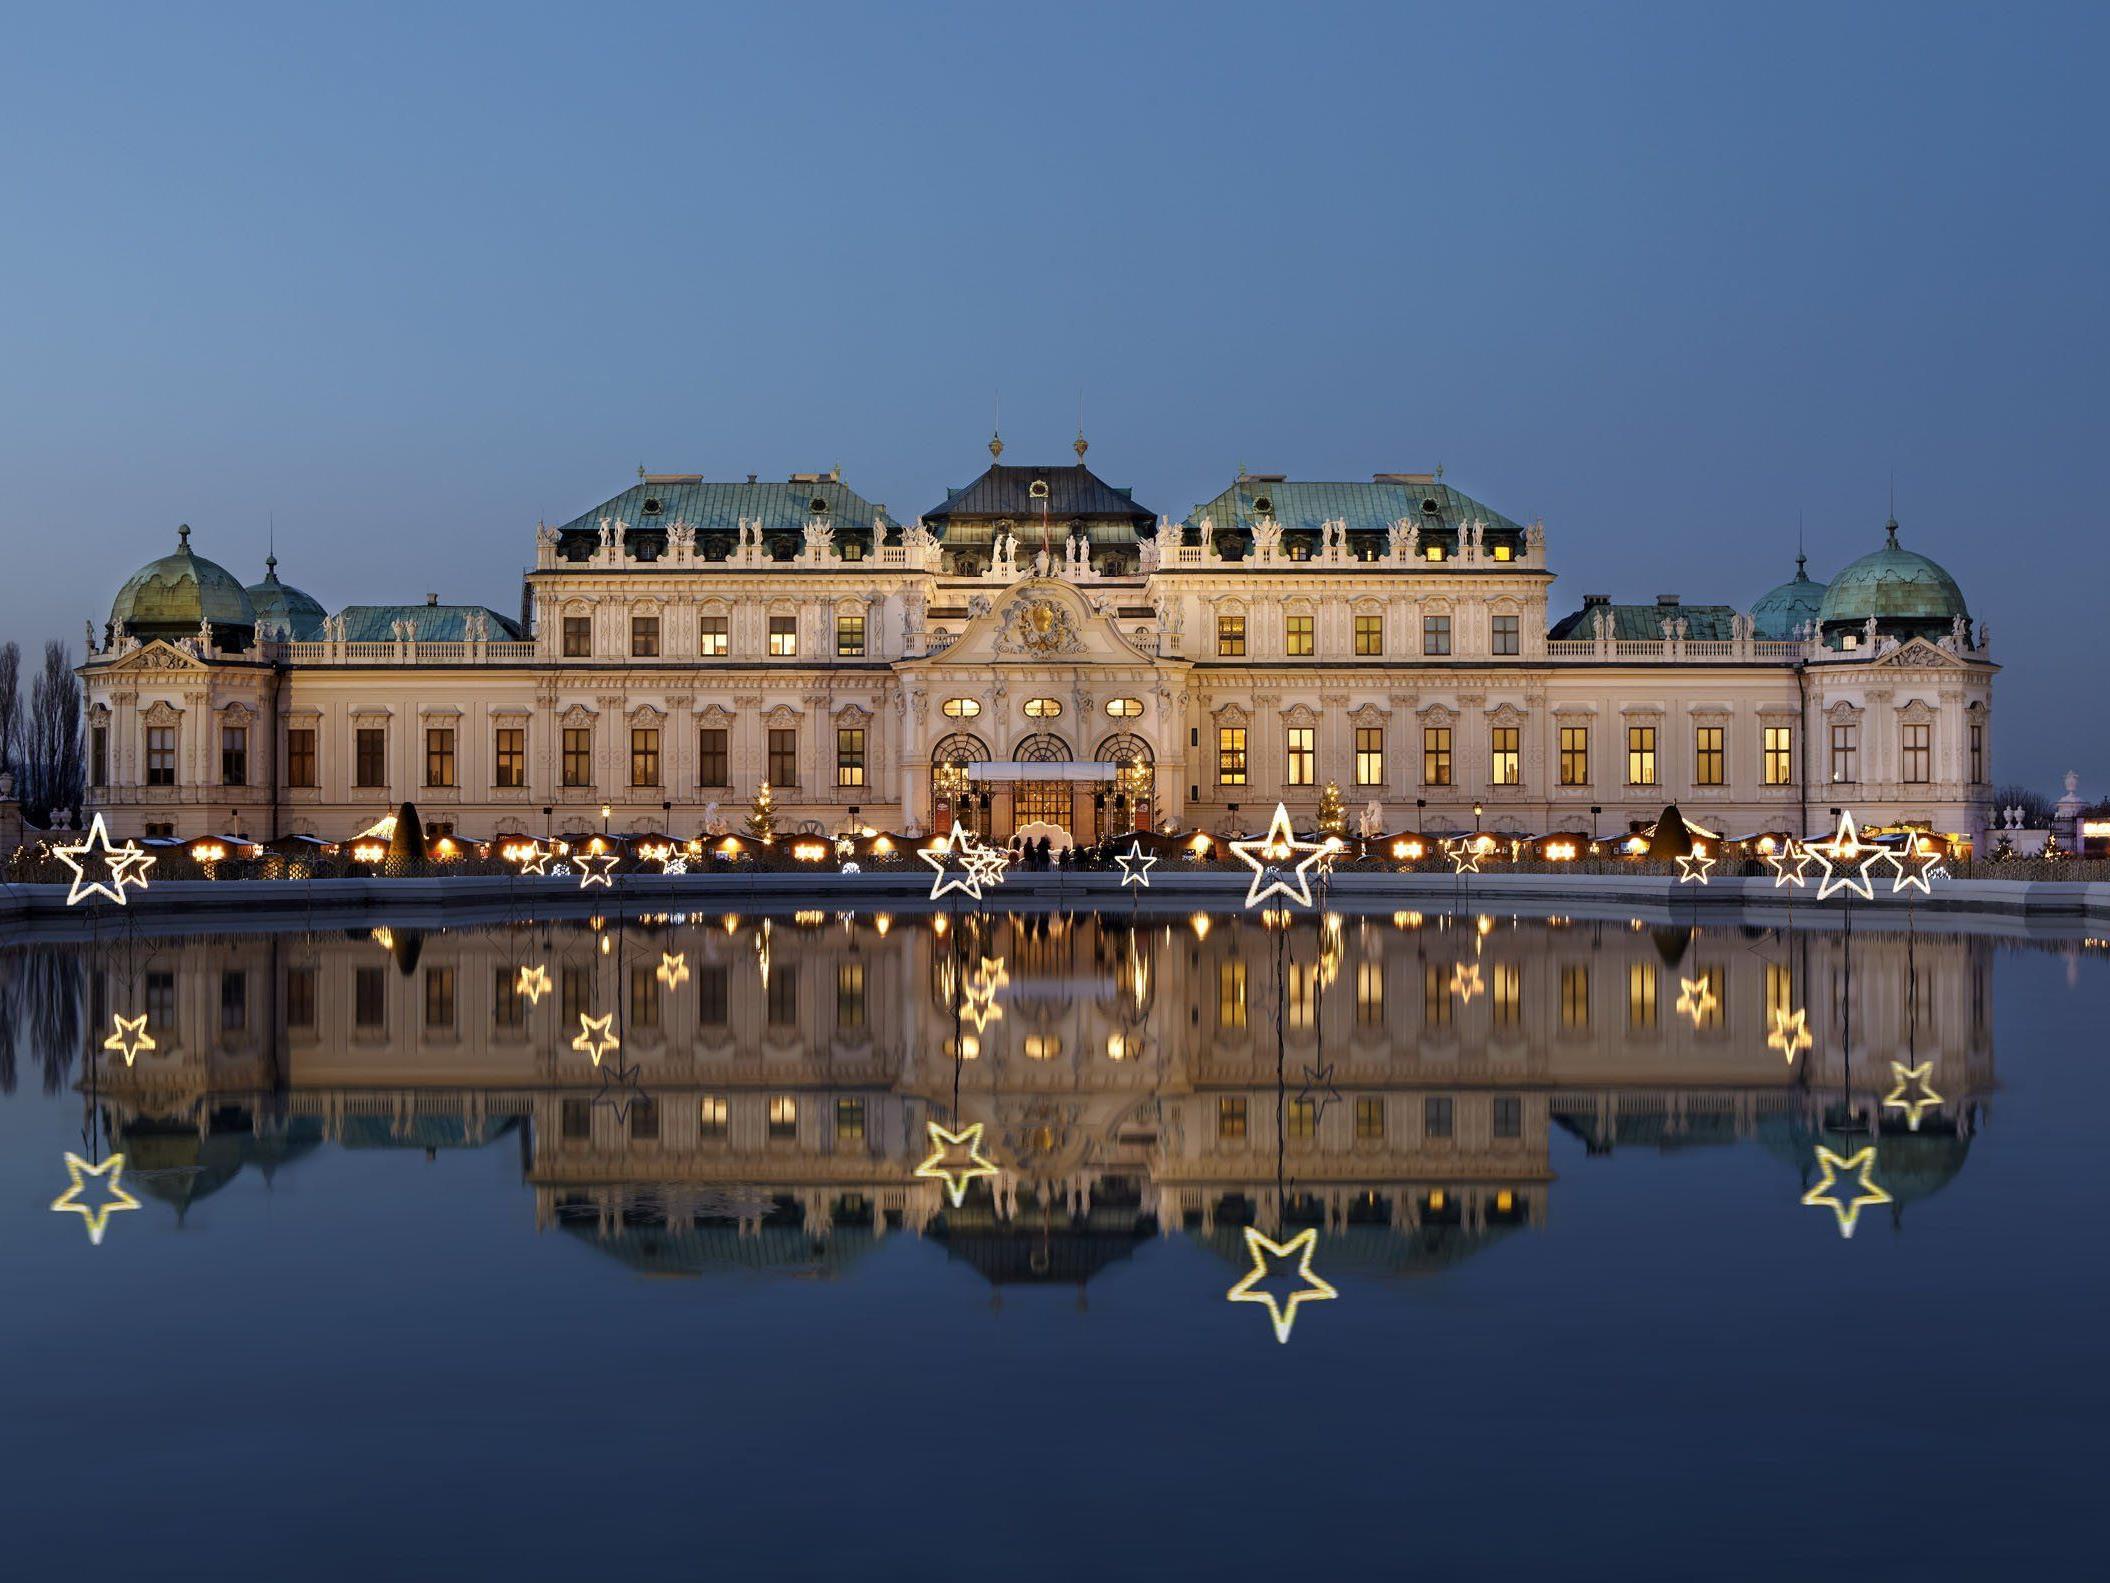 Das Weihnachtsdorf Belvedere öffnet am 21. November 2014.